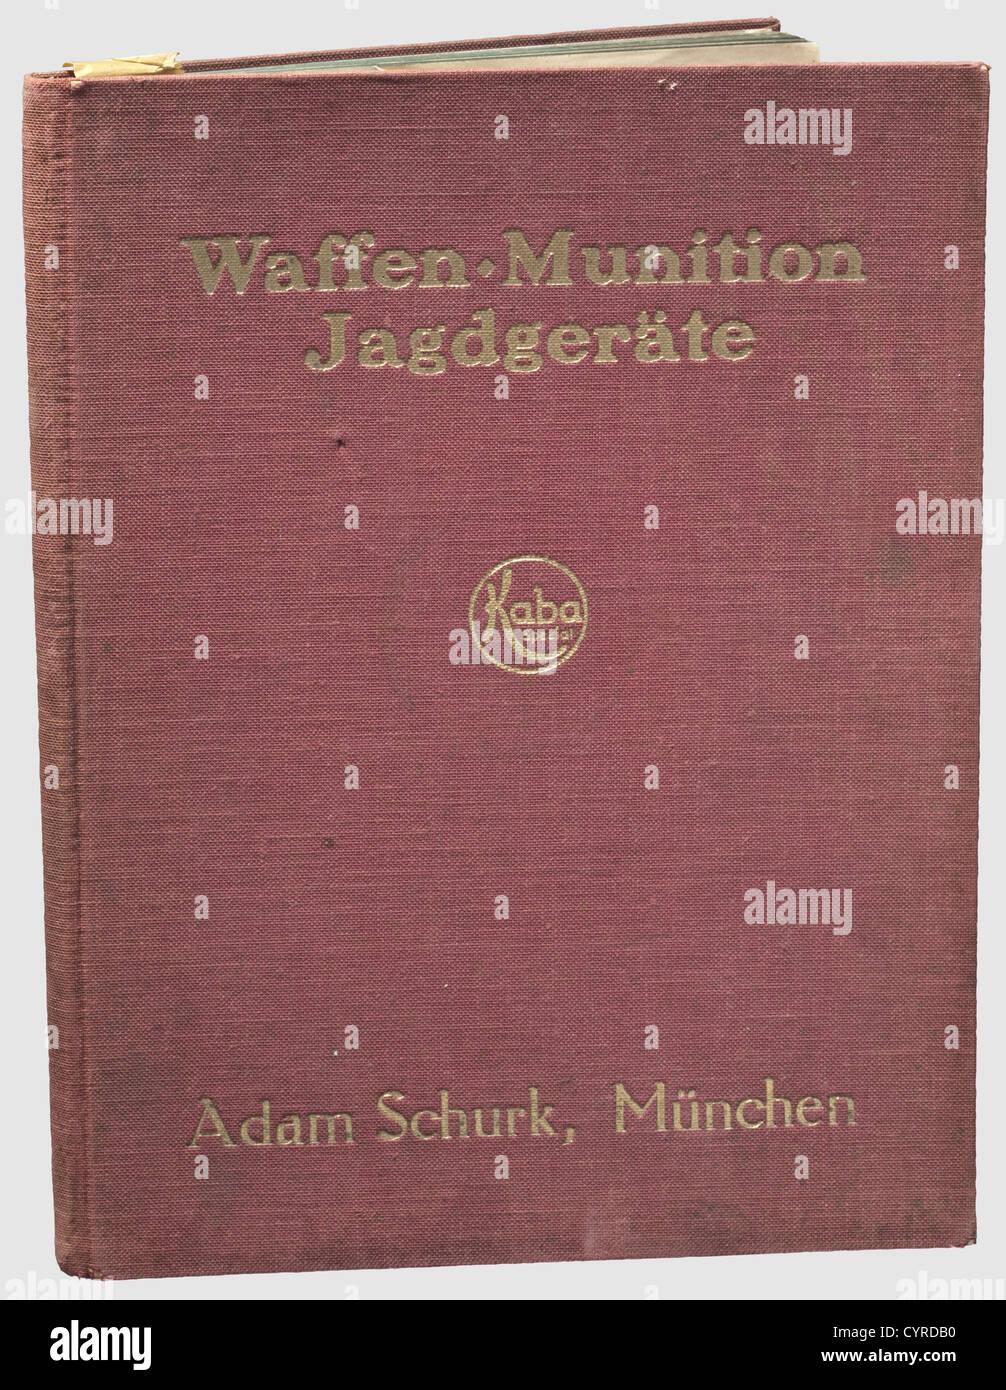 Adam Schurk (Schork), Katalog über Waffen, munizione, Jagdgeräte (Catalogo delle armi, munizioni, Caccia Immagini Stock